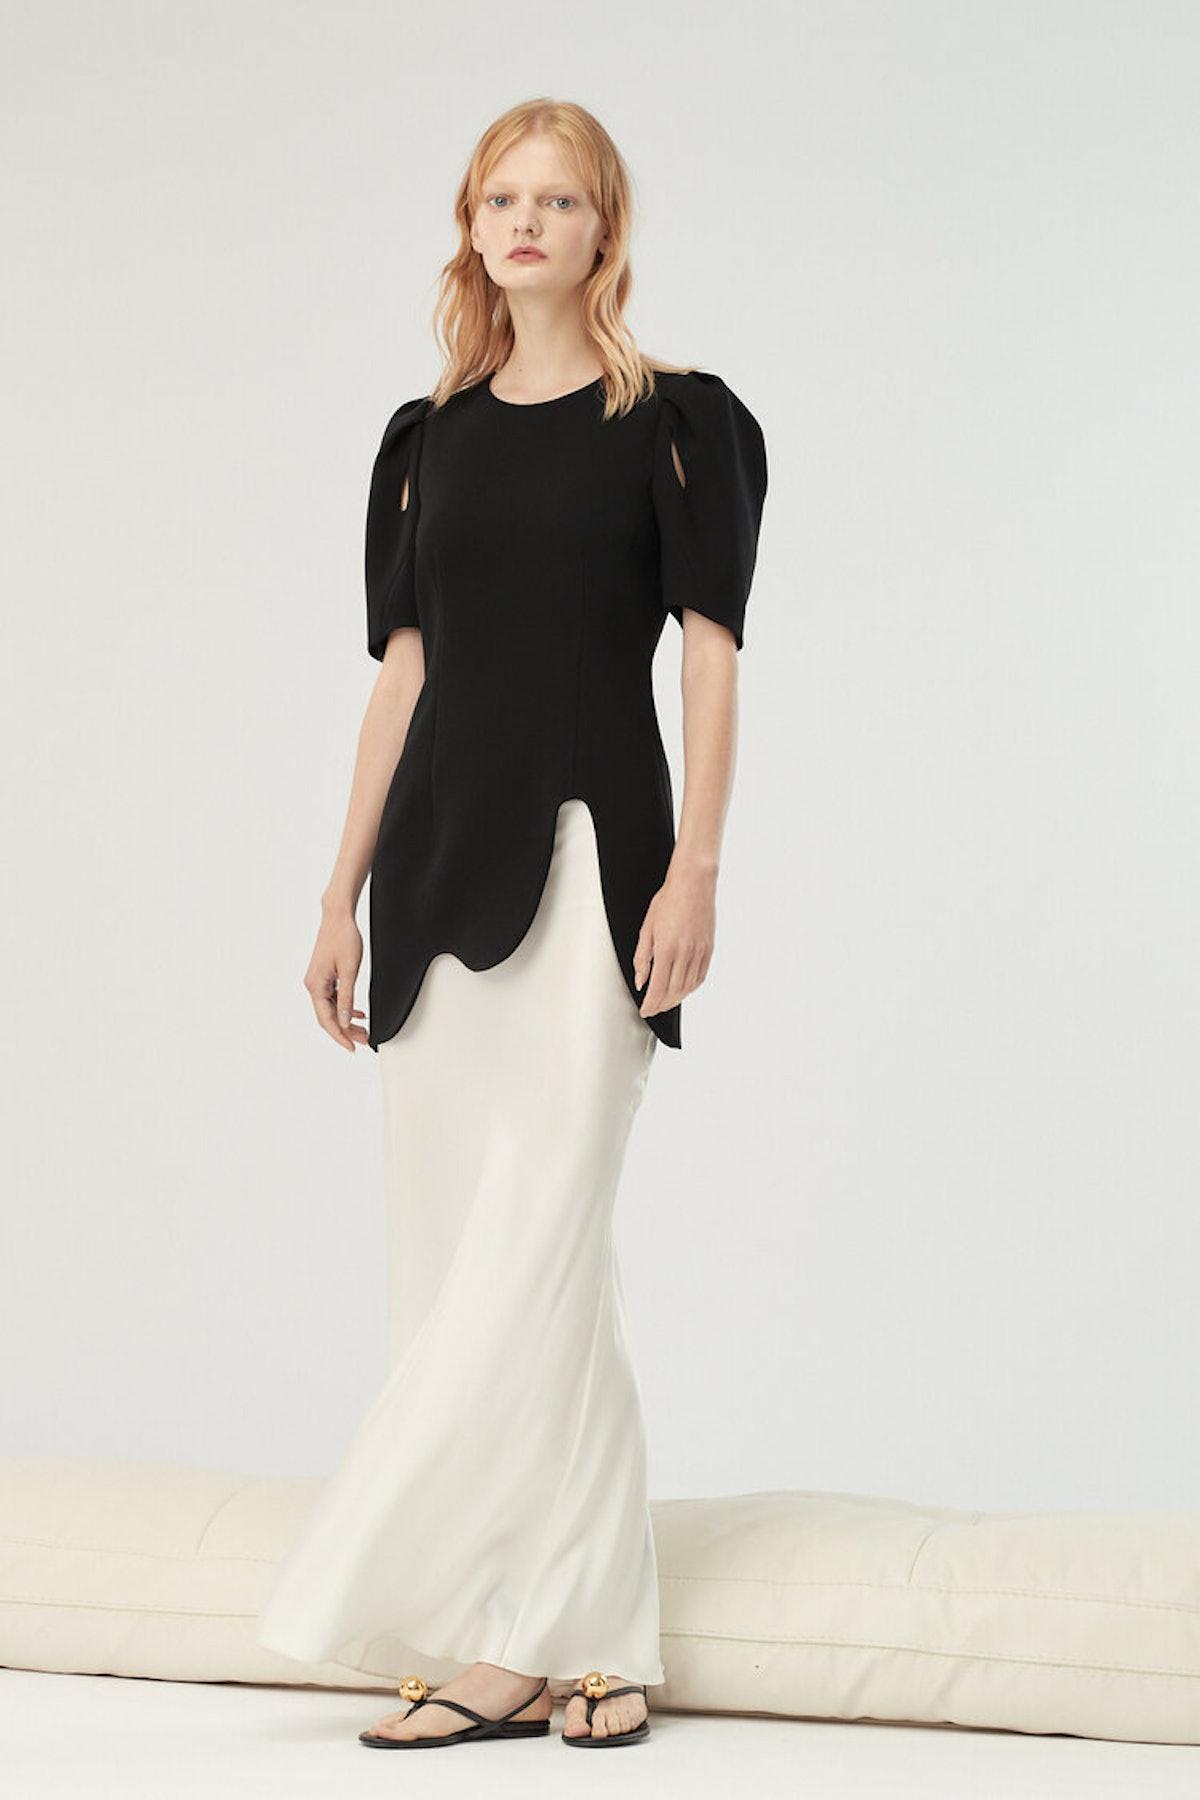 model in black shirt and white skirt